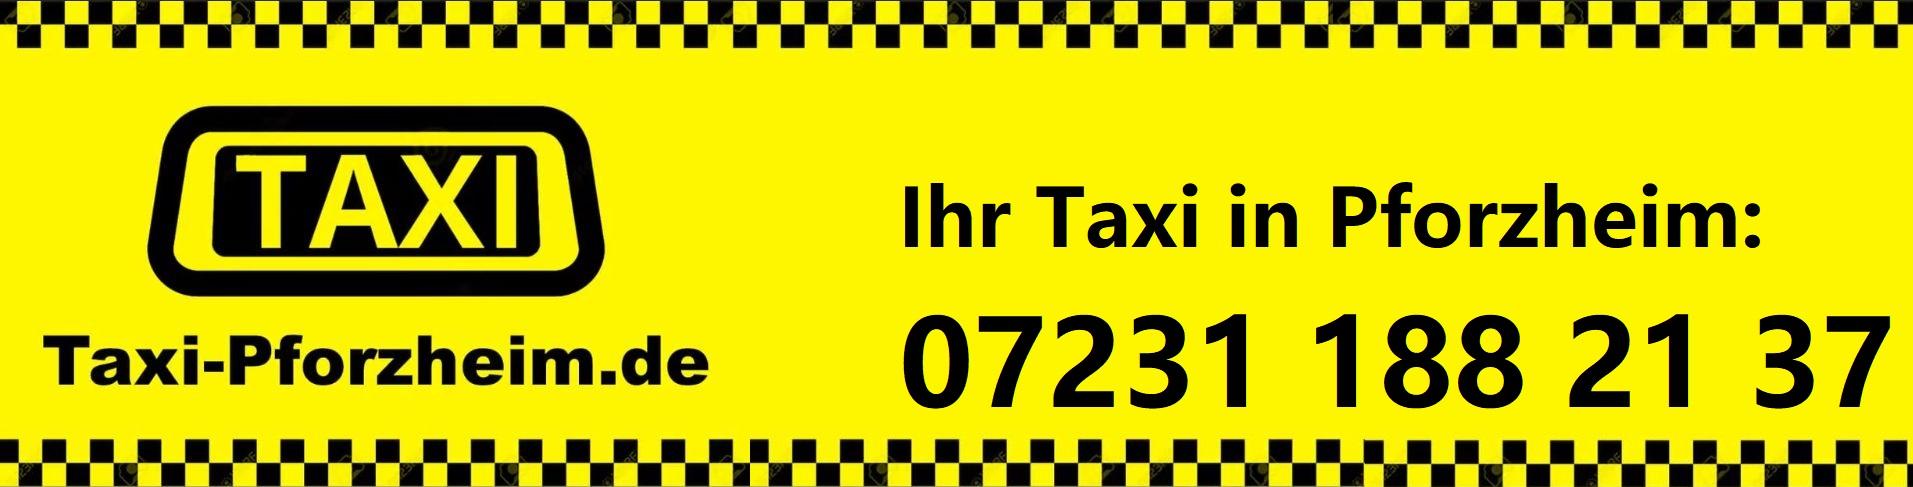 Taxi Pforzheim